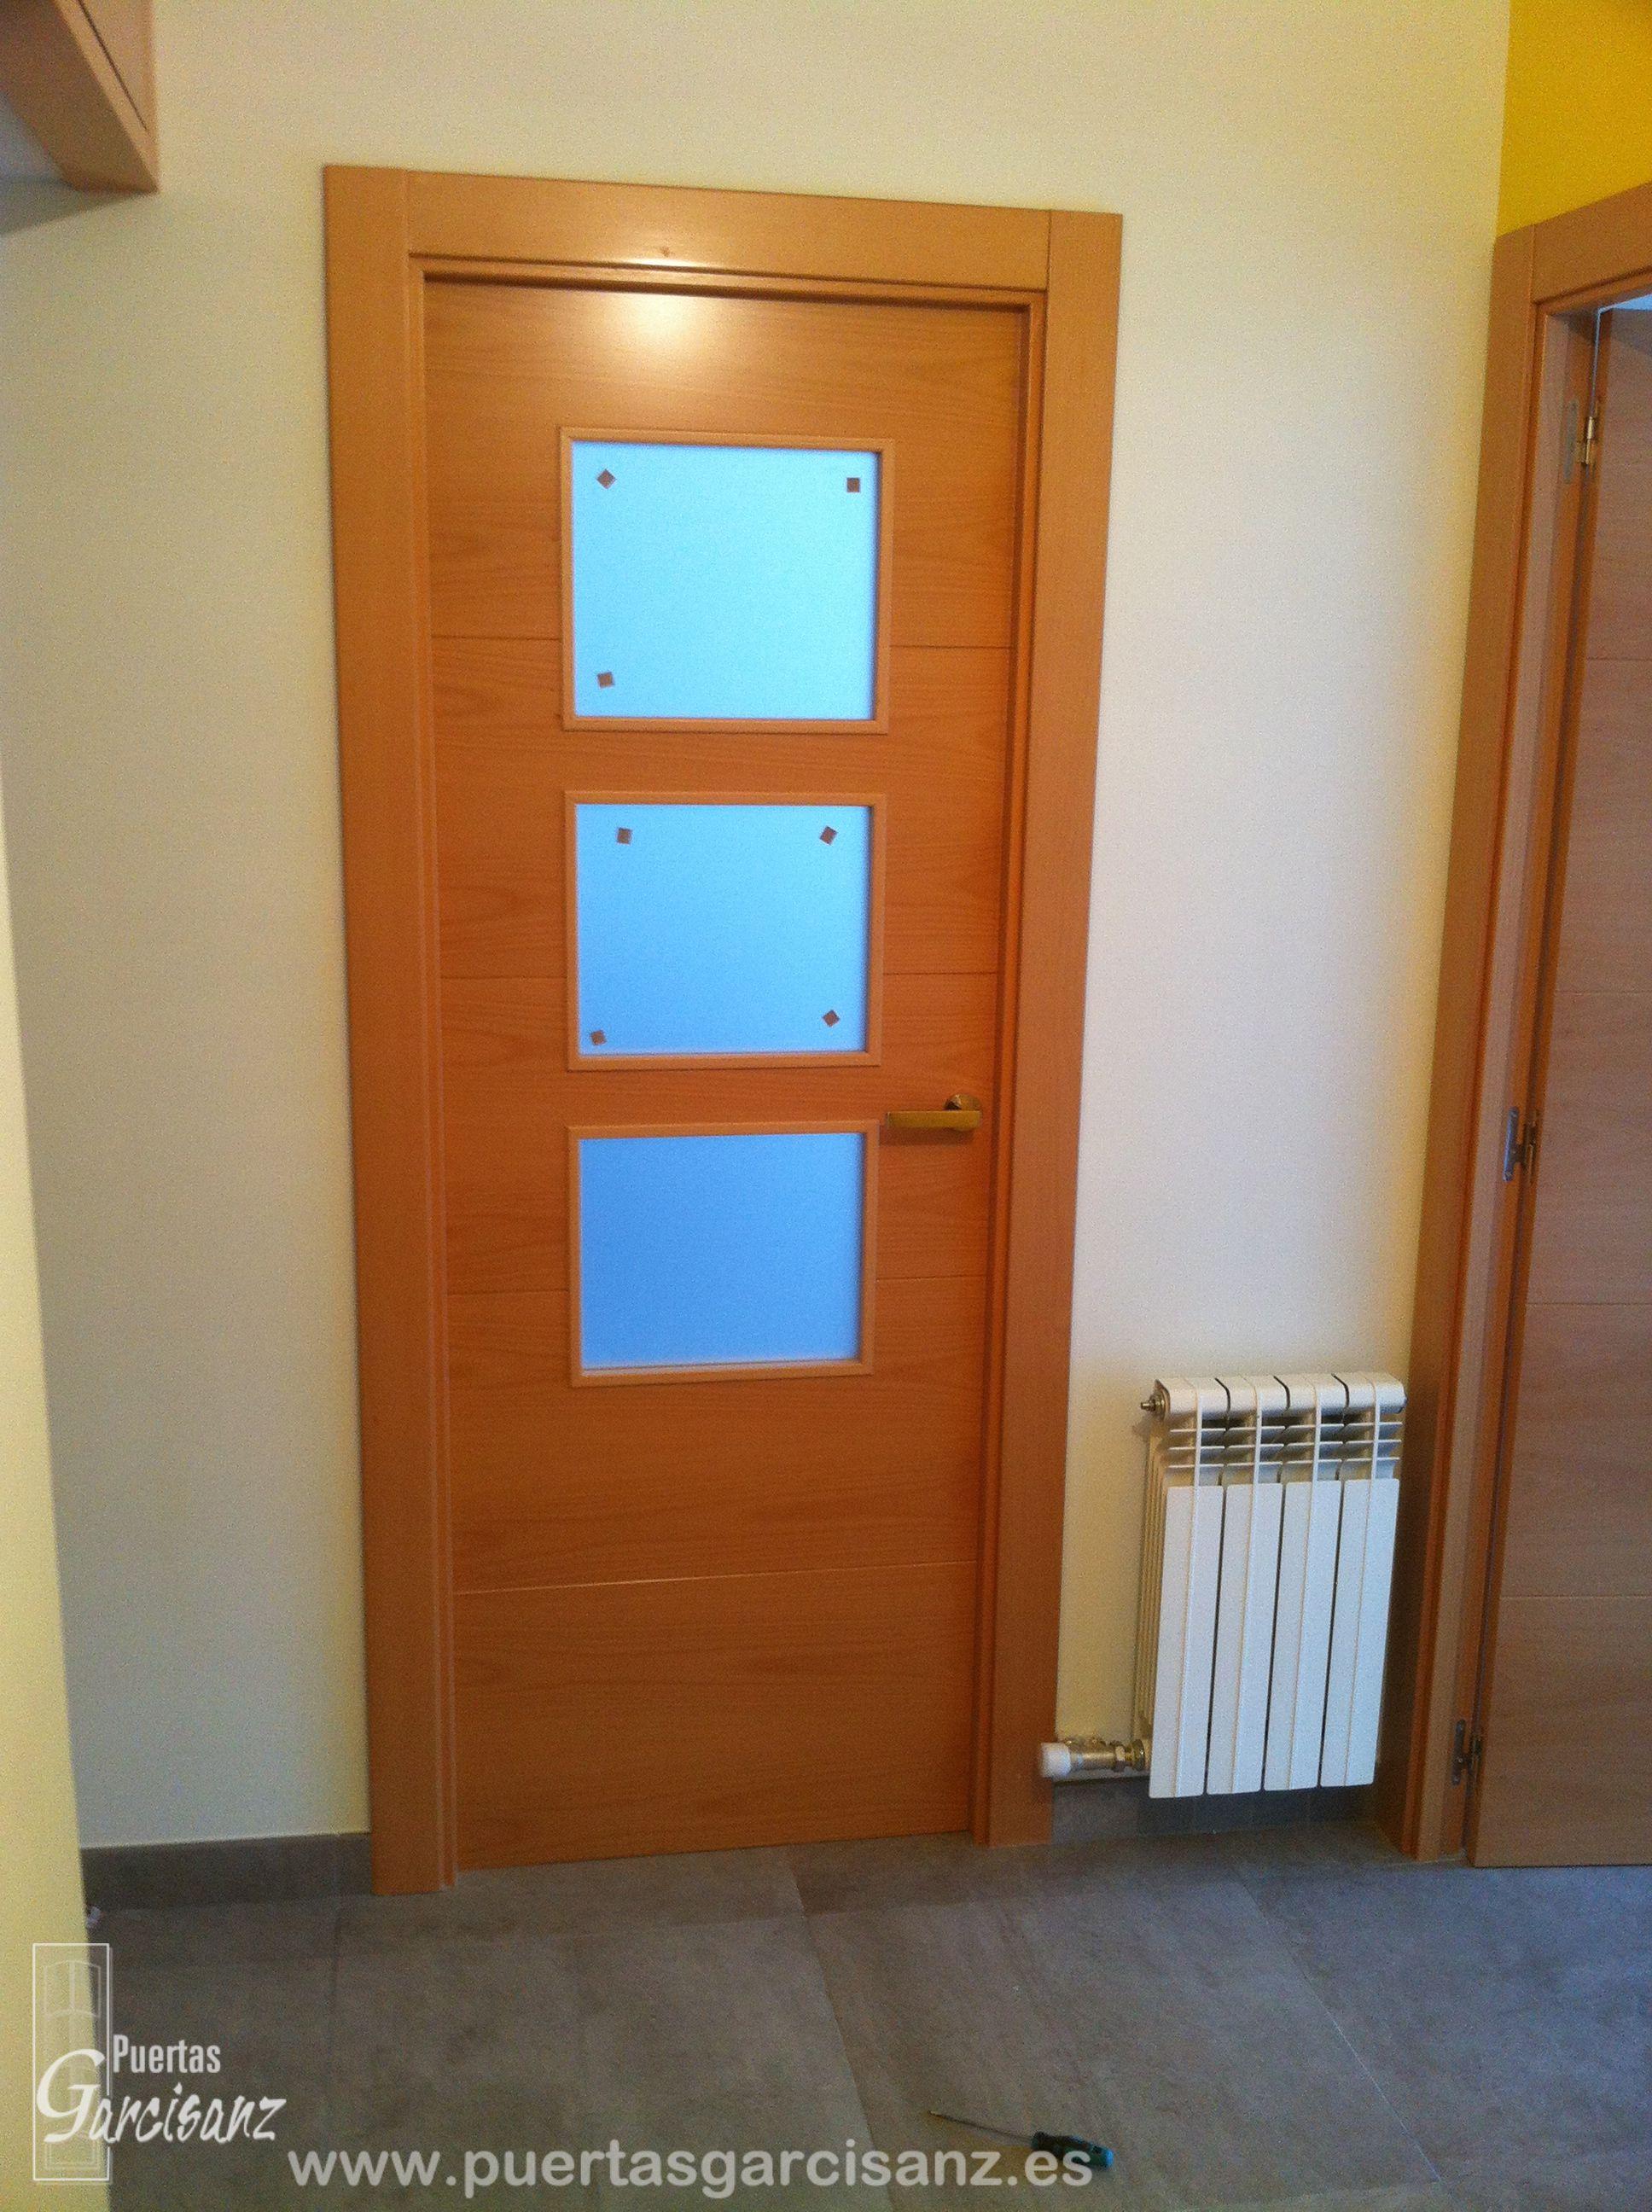 Puerta de interior vidriera de 3 vidrios en chapa de haya vaporizada con 4 ranuras en horizontal - Puertas macizas interior ...